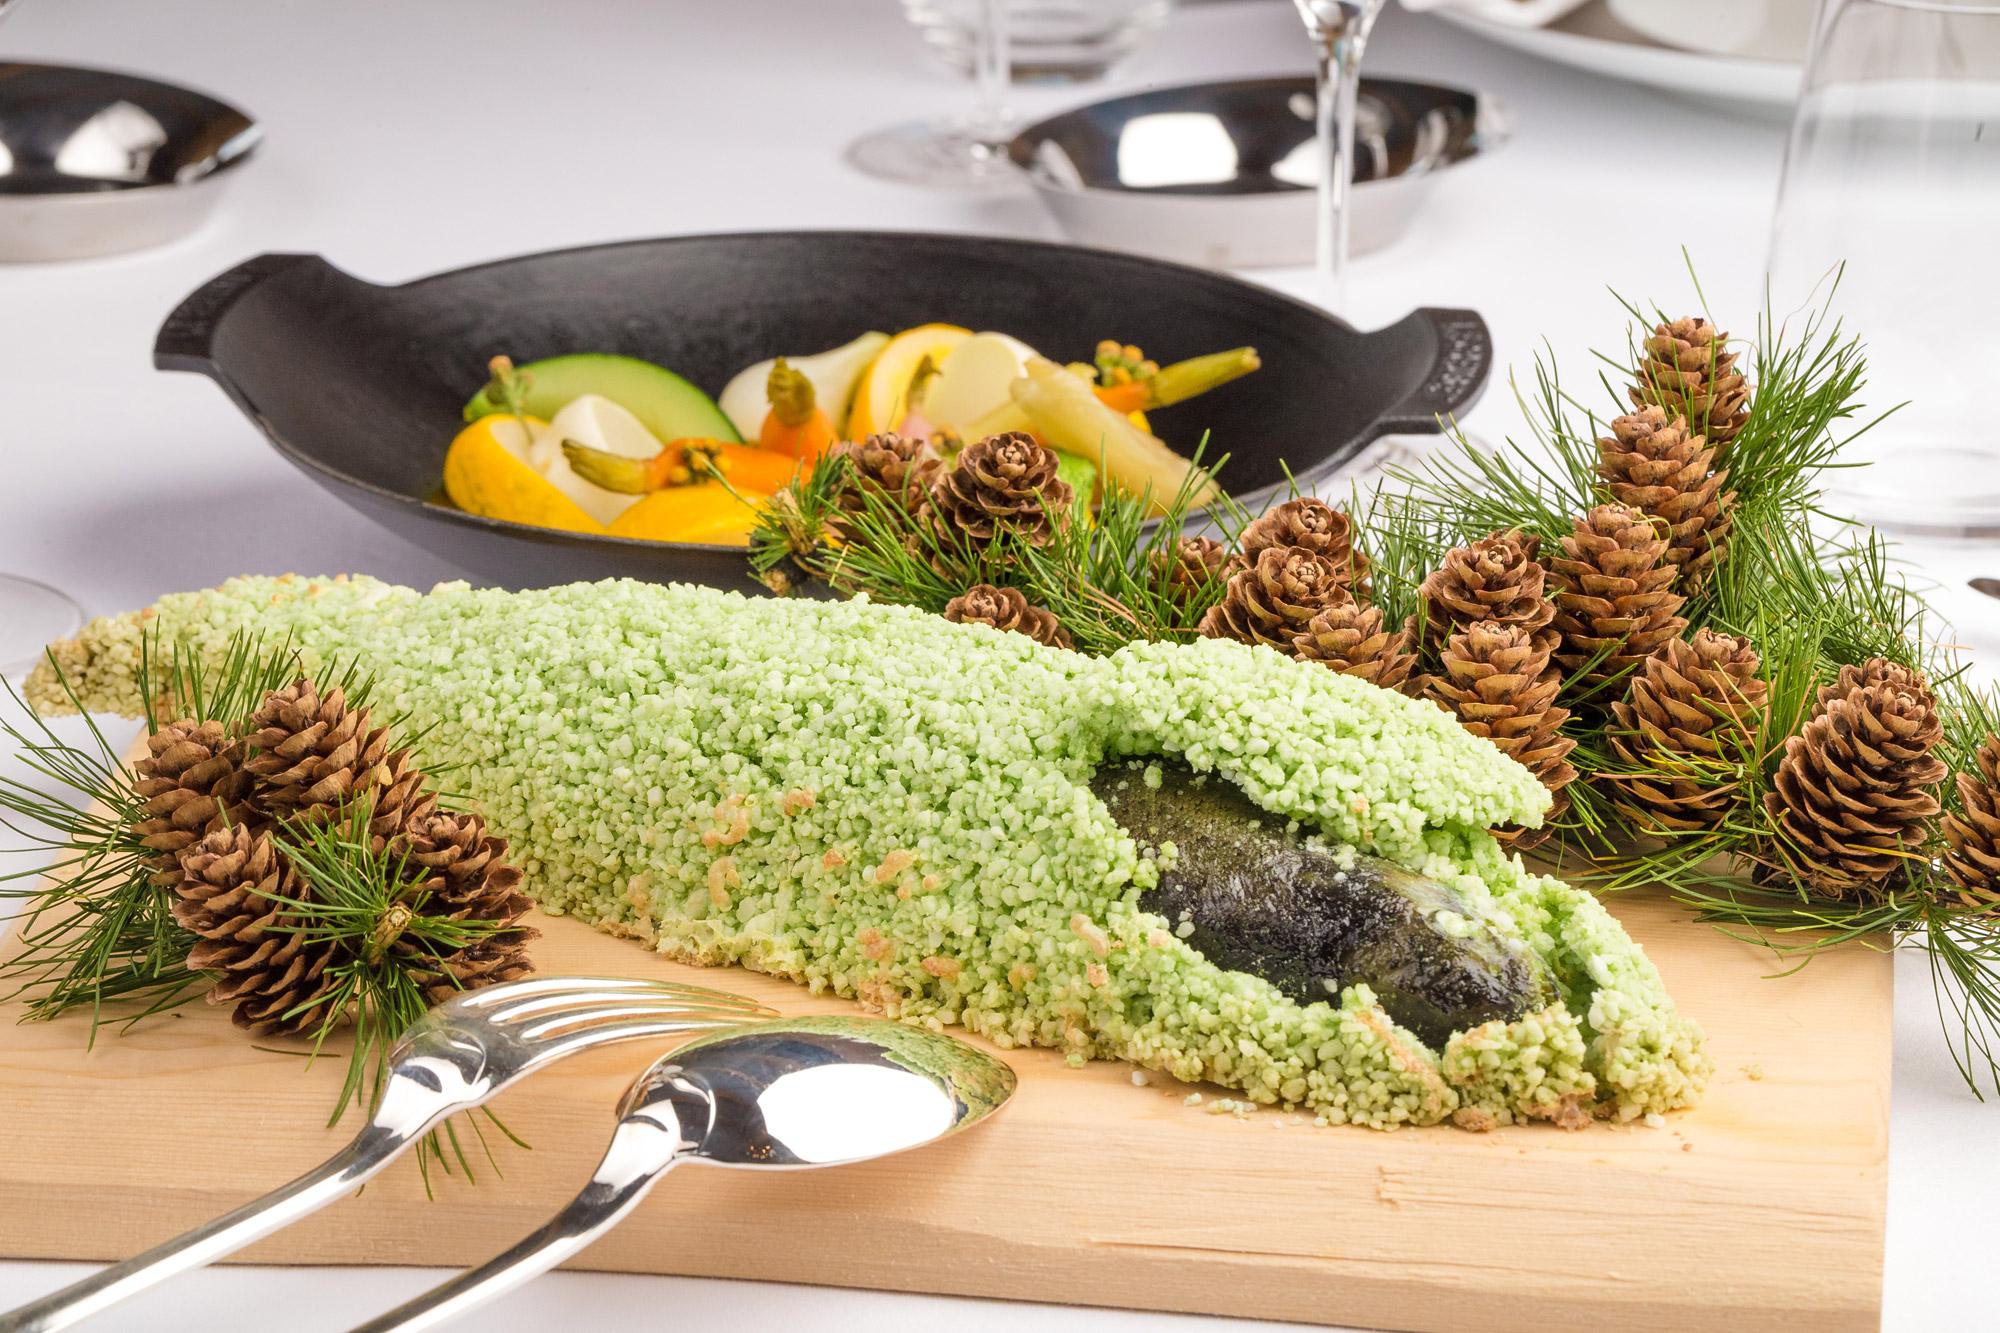 Planche de bois sur laquelle est servi un poisson en croûte décoré de pommes de pin